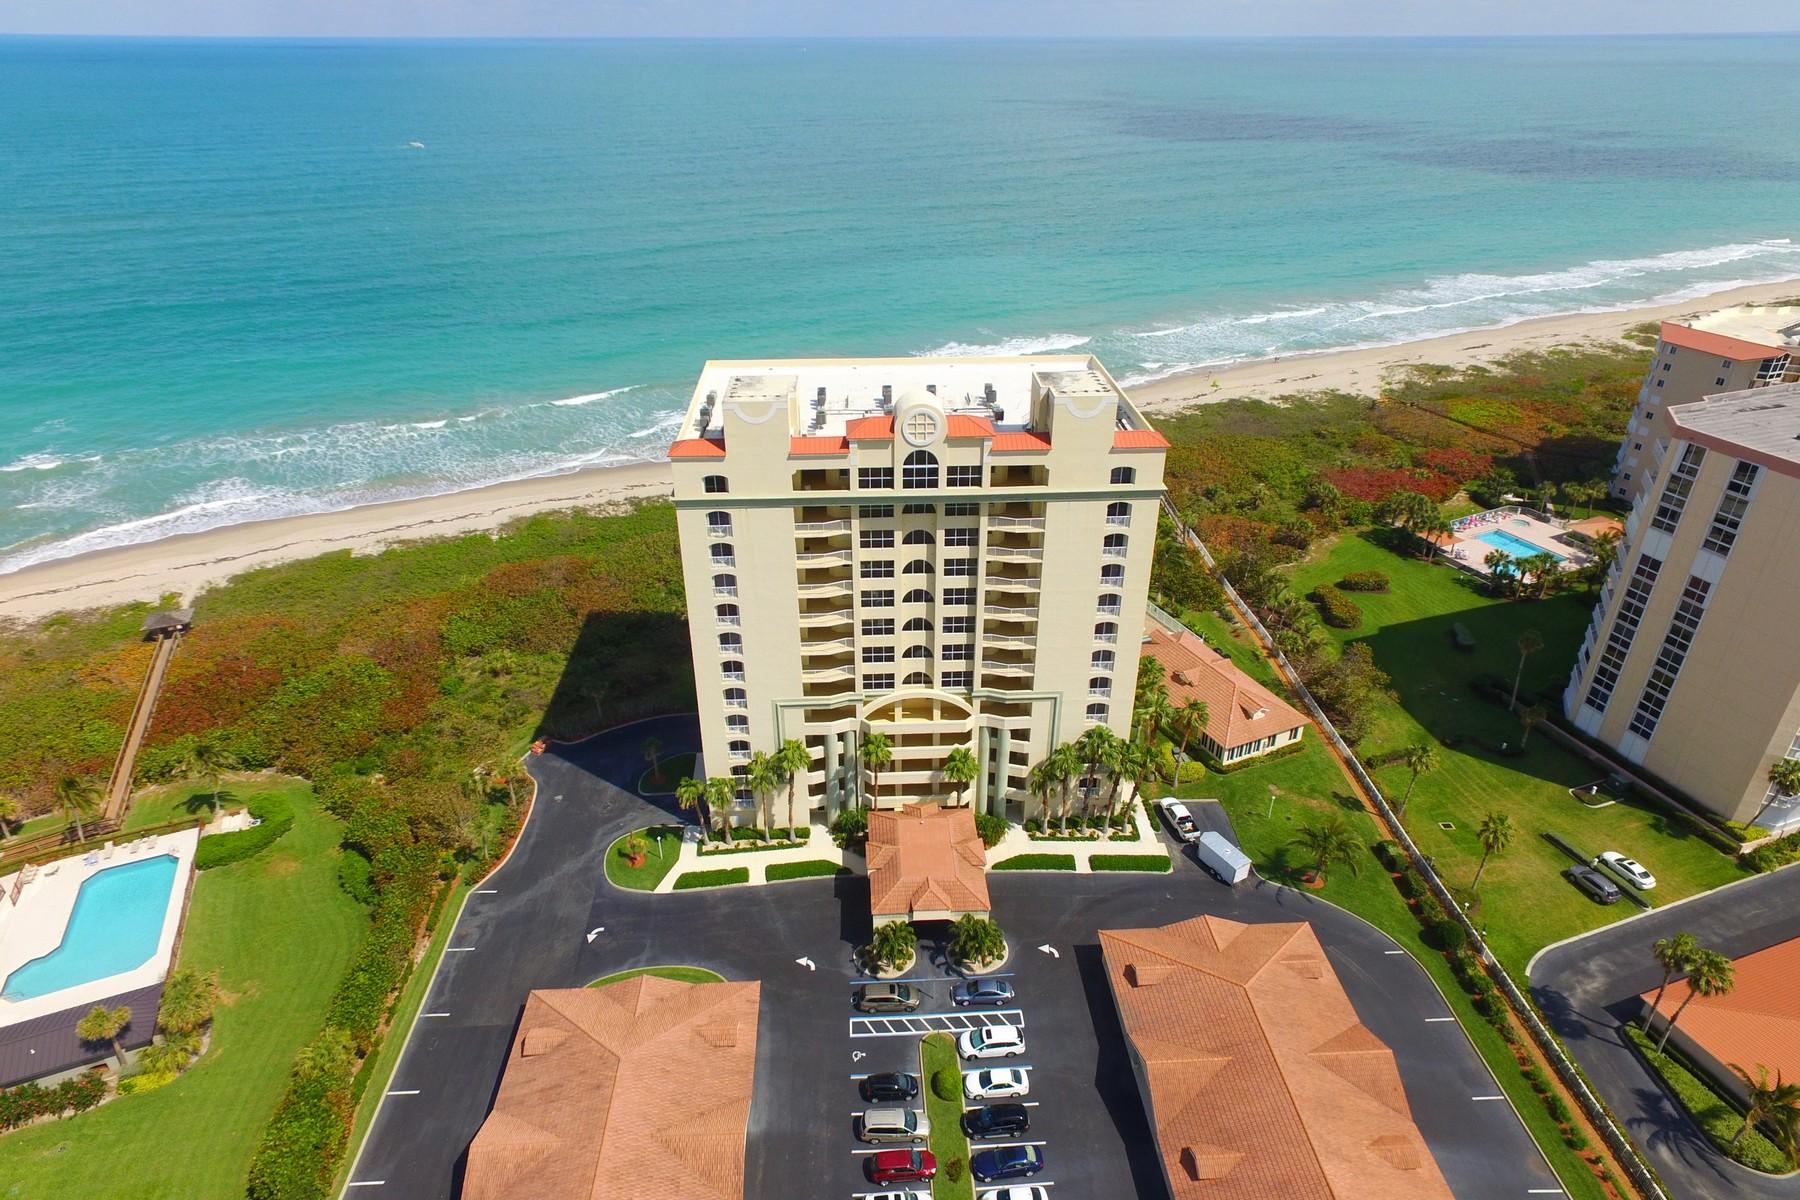 Condomínio para Venda às Rarely Available South End Unit 3920 N Highway A1A #204 Hutchinson Island, Florida, 34949 Estados Unidos